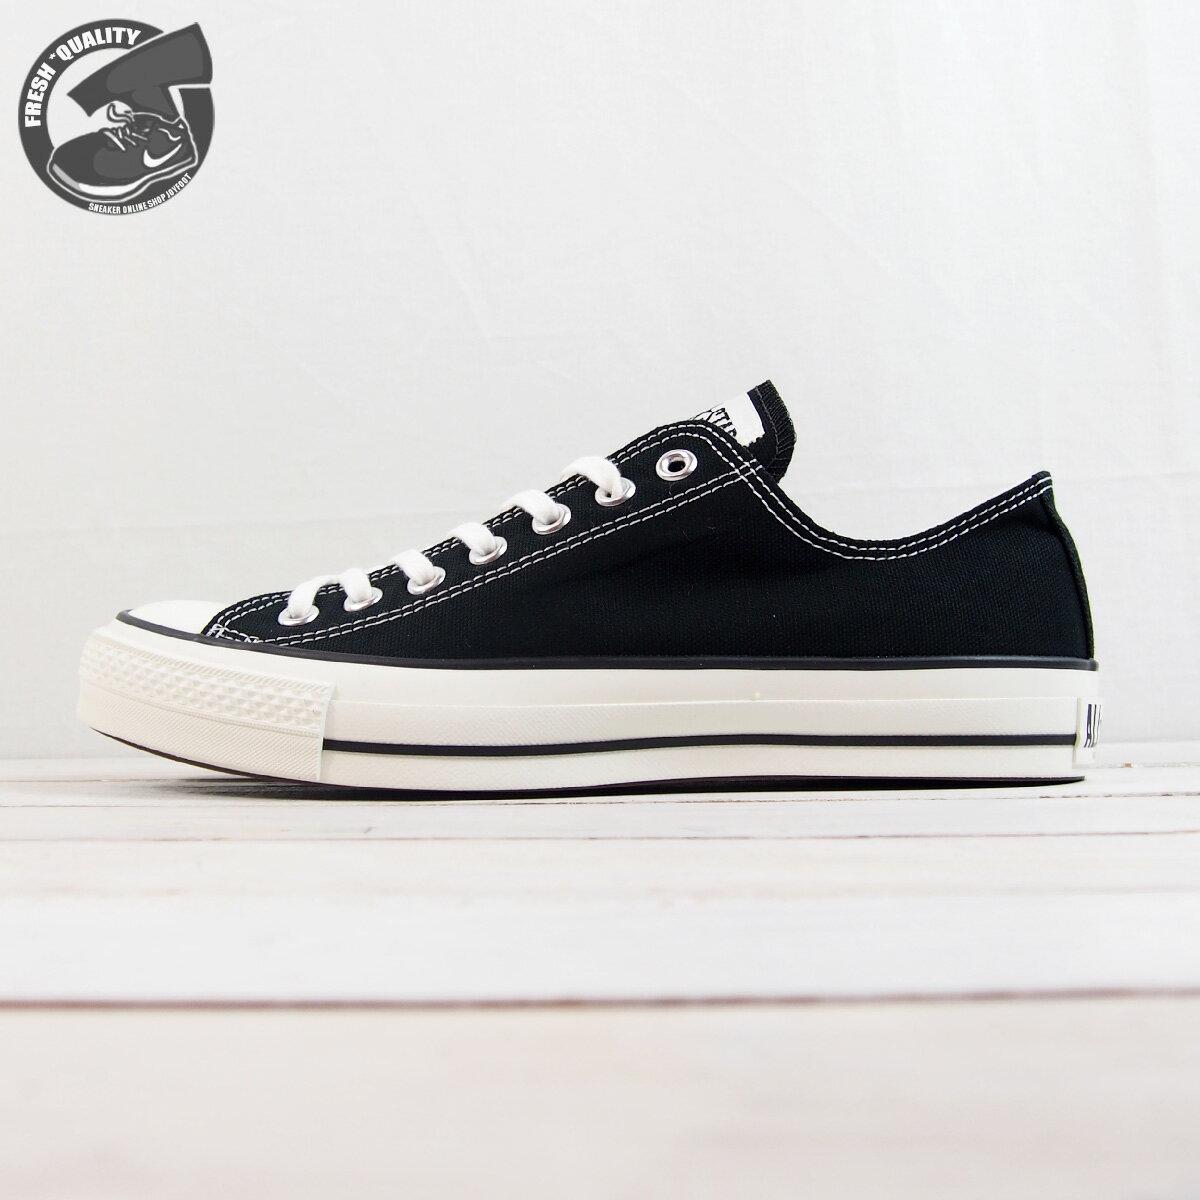 メンズ靴, スニーカー 32167431 CONVERSE ALL STAR J OX BLACK